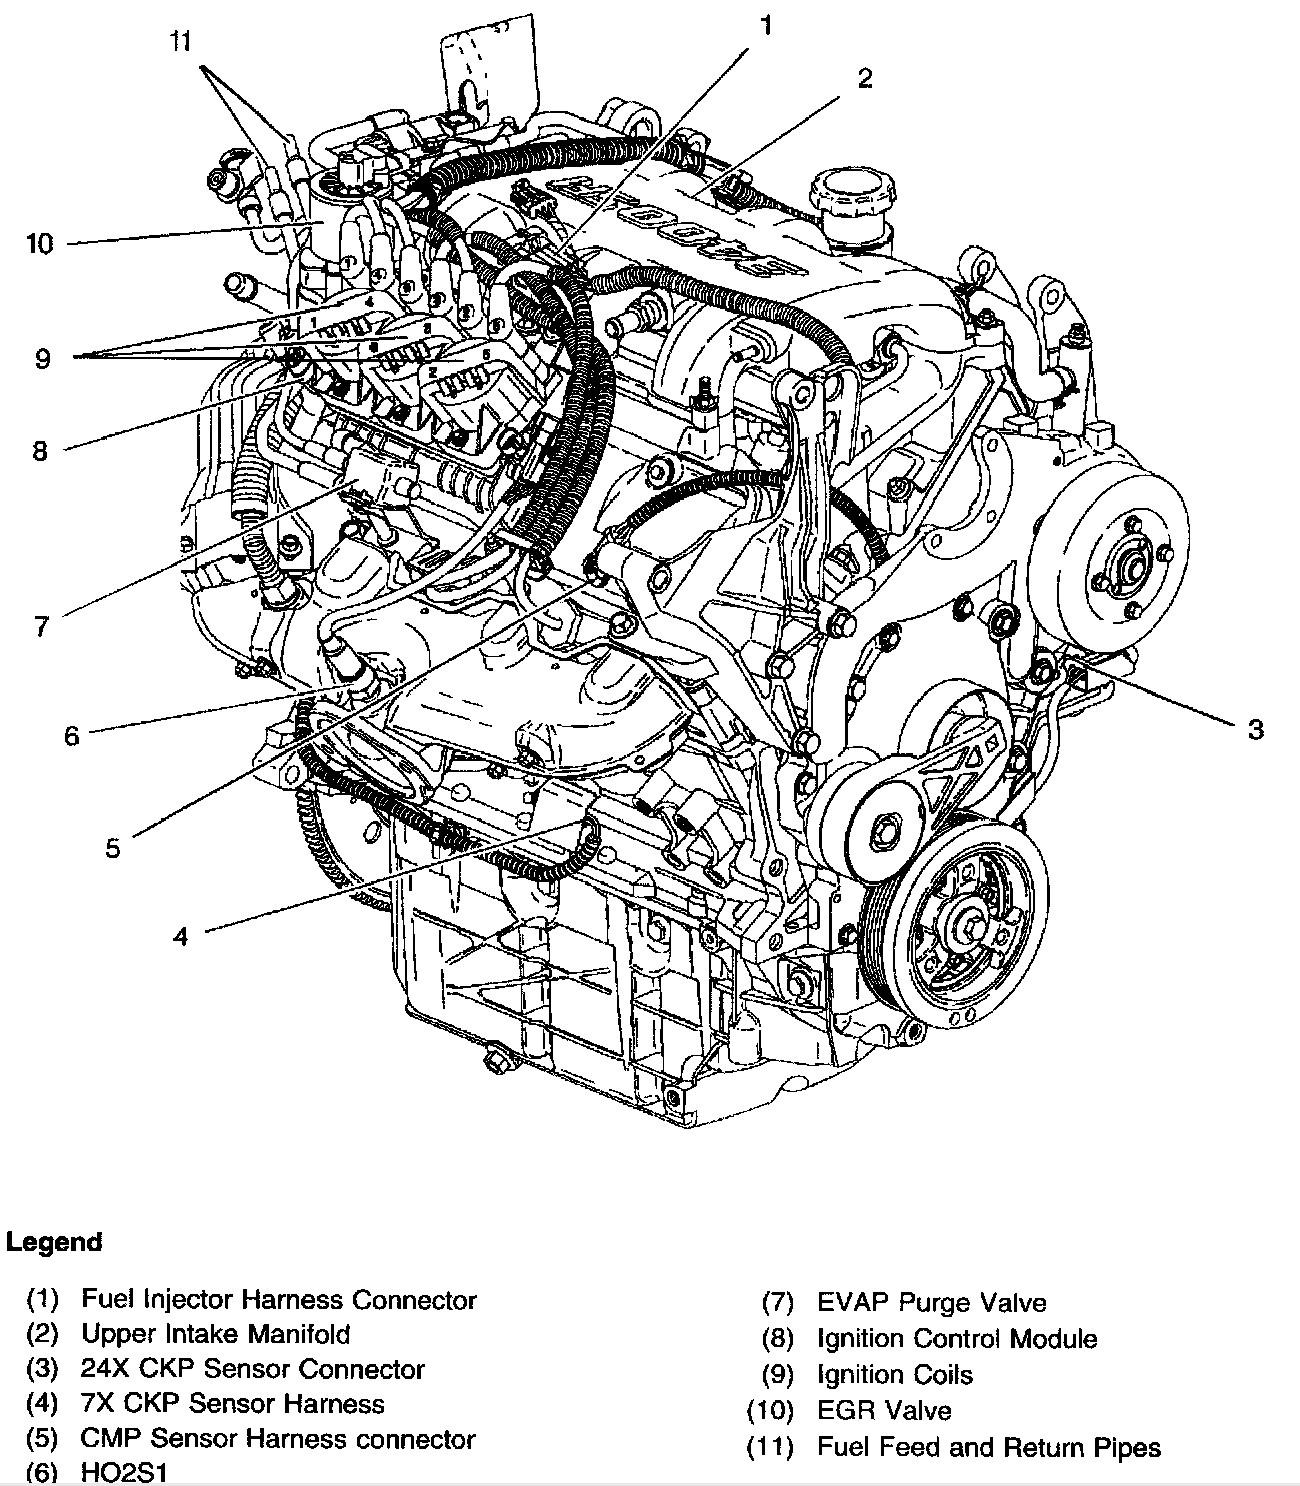 Chevy 4 8 Vortec Engine Diagram - Wiring Diagram Schematic on